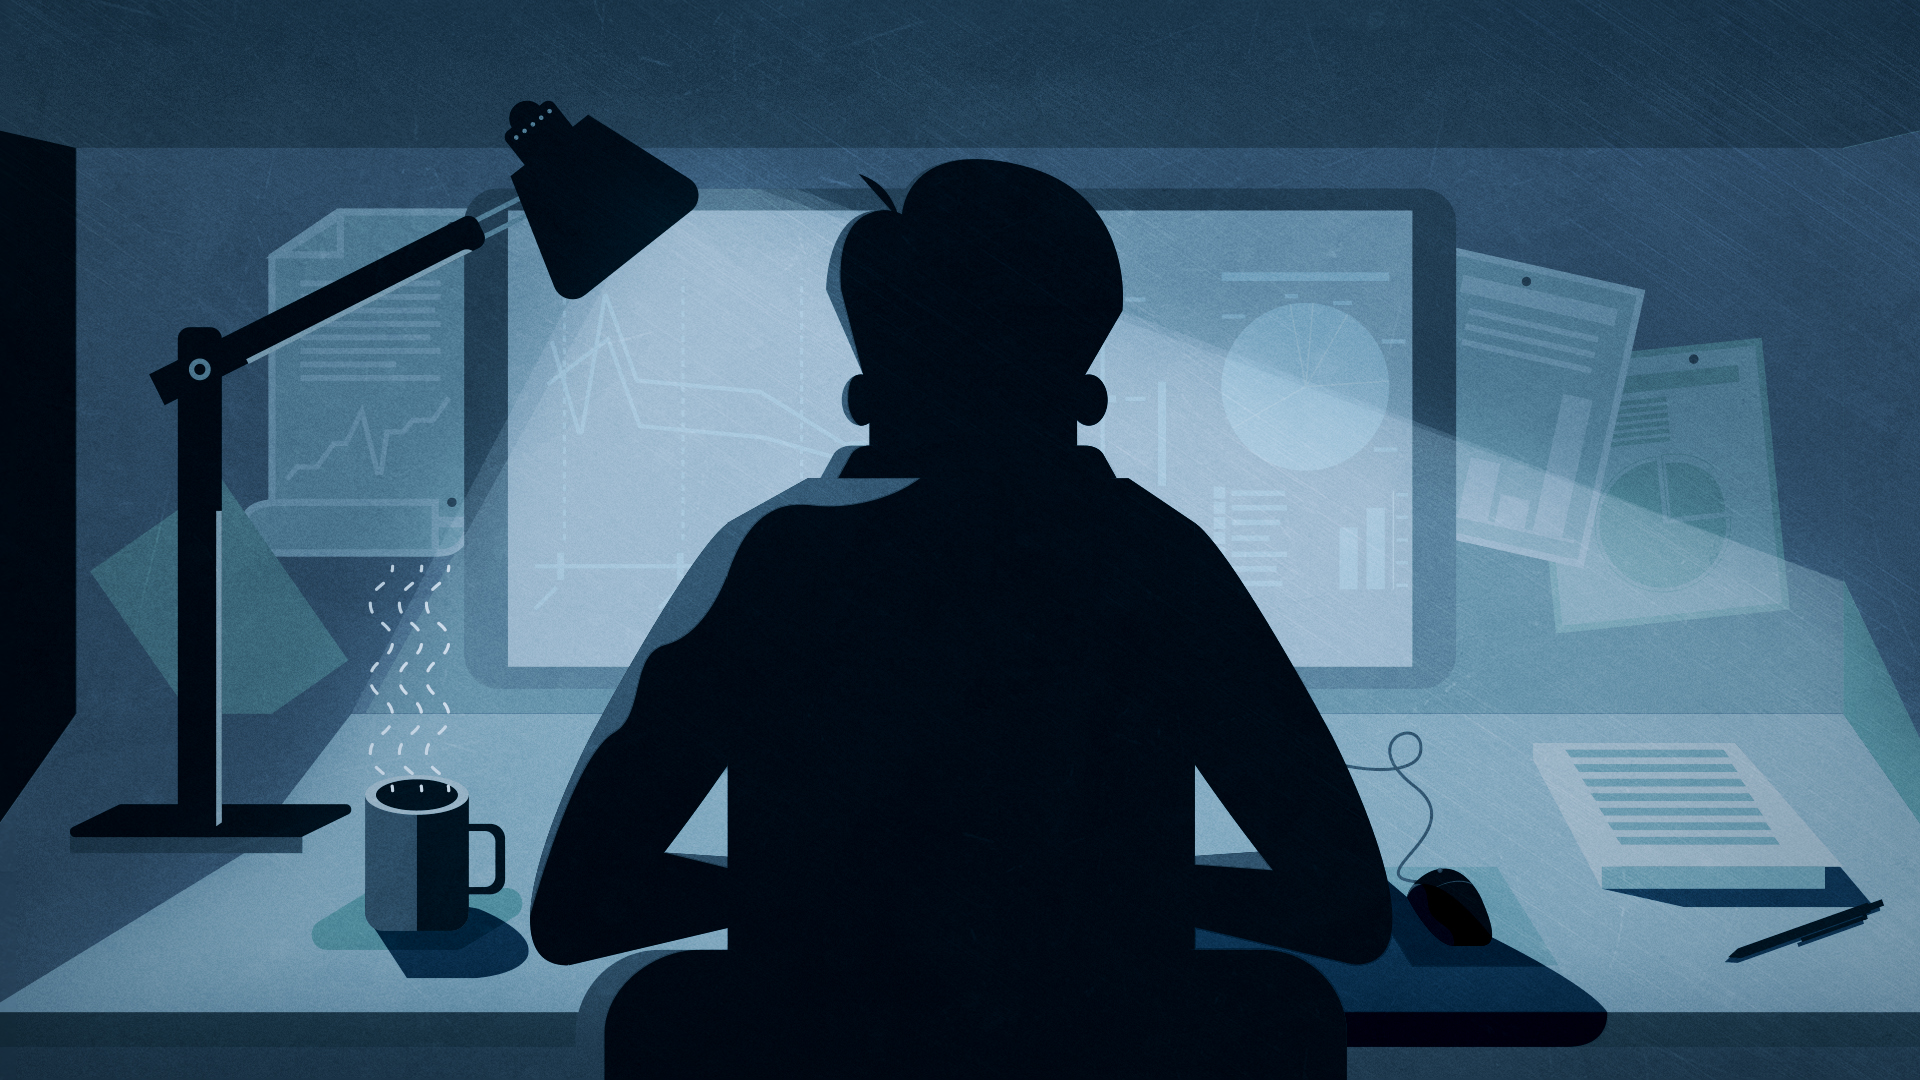 Frame 09 (Desk Night).jpg